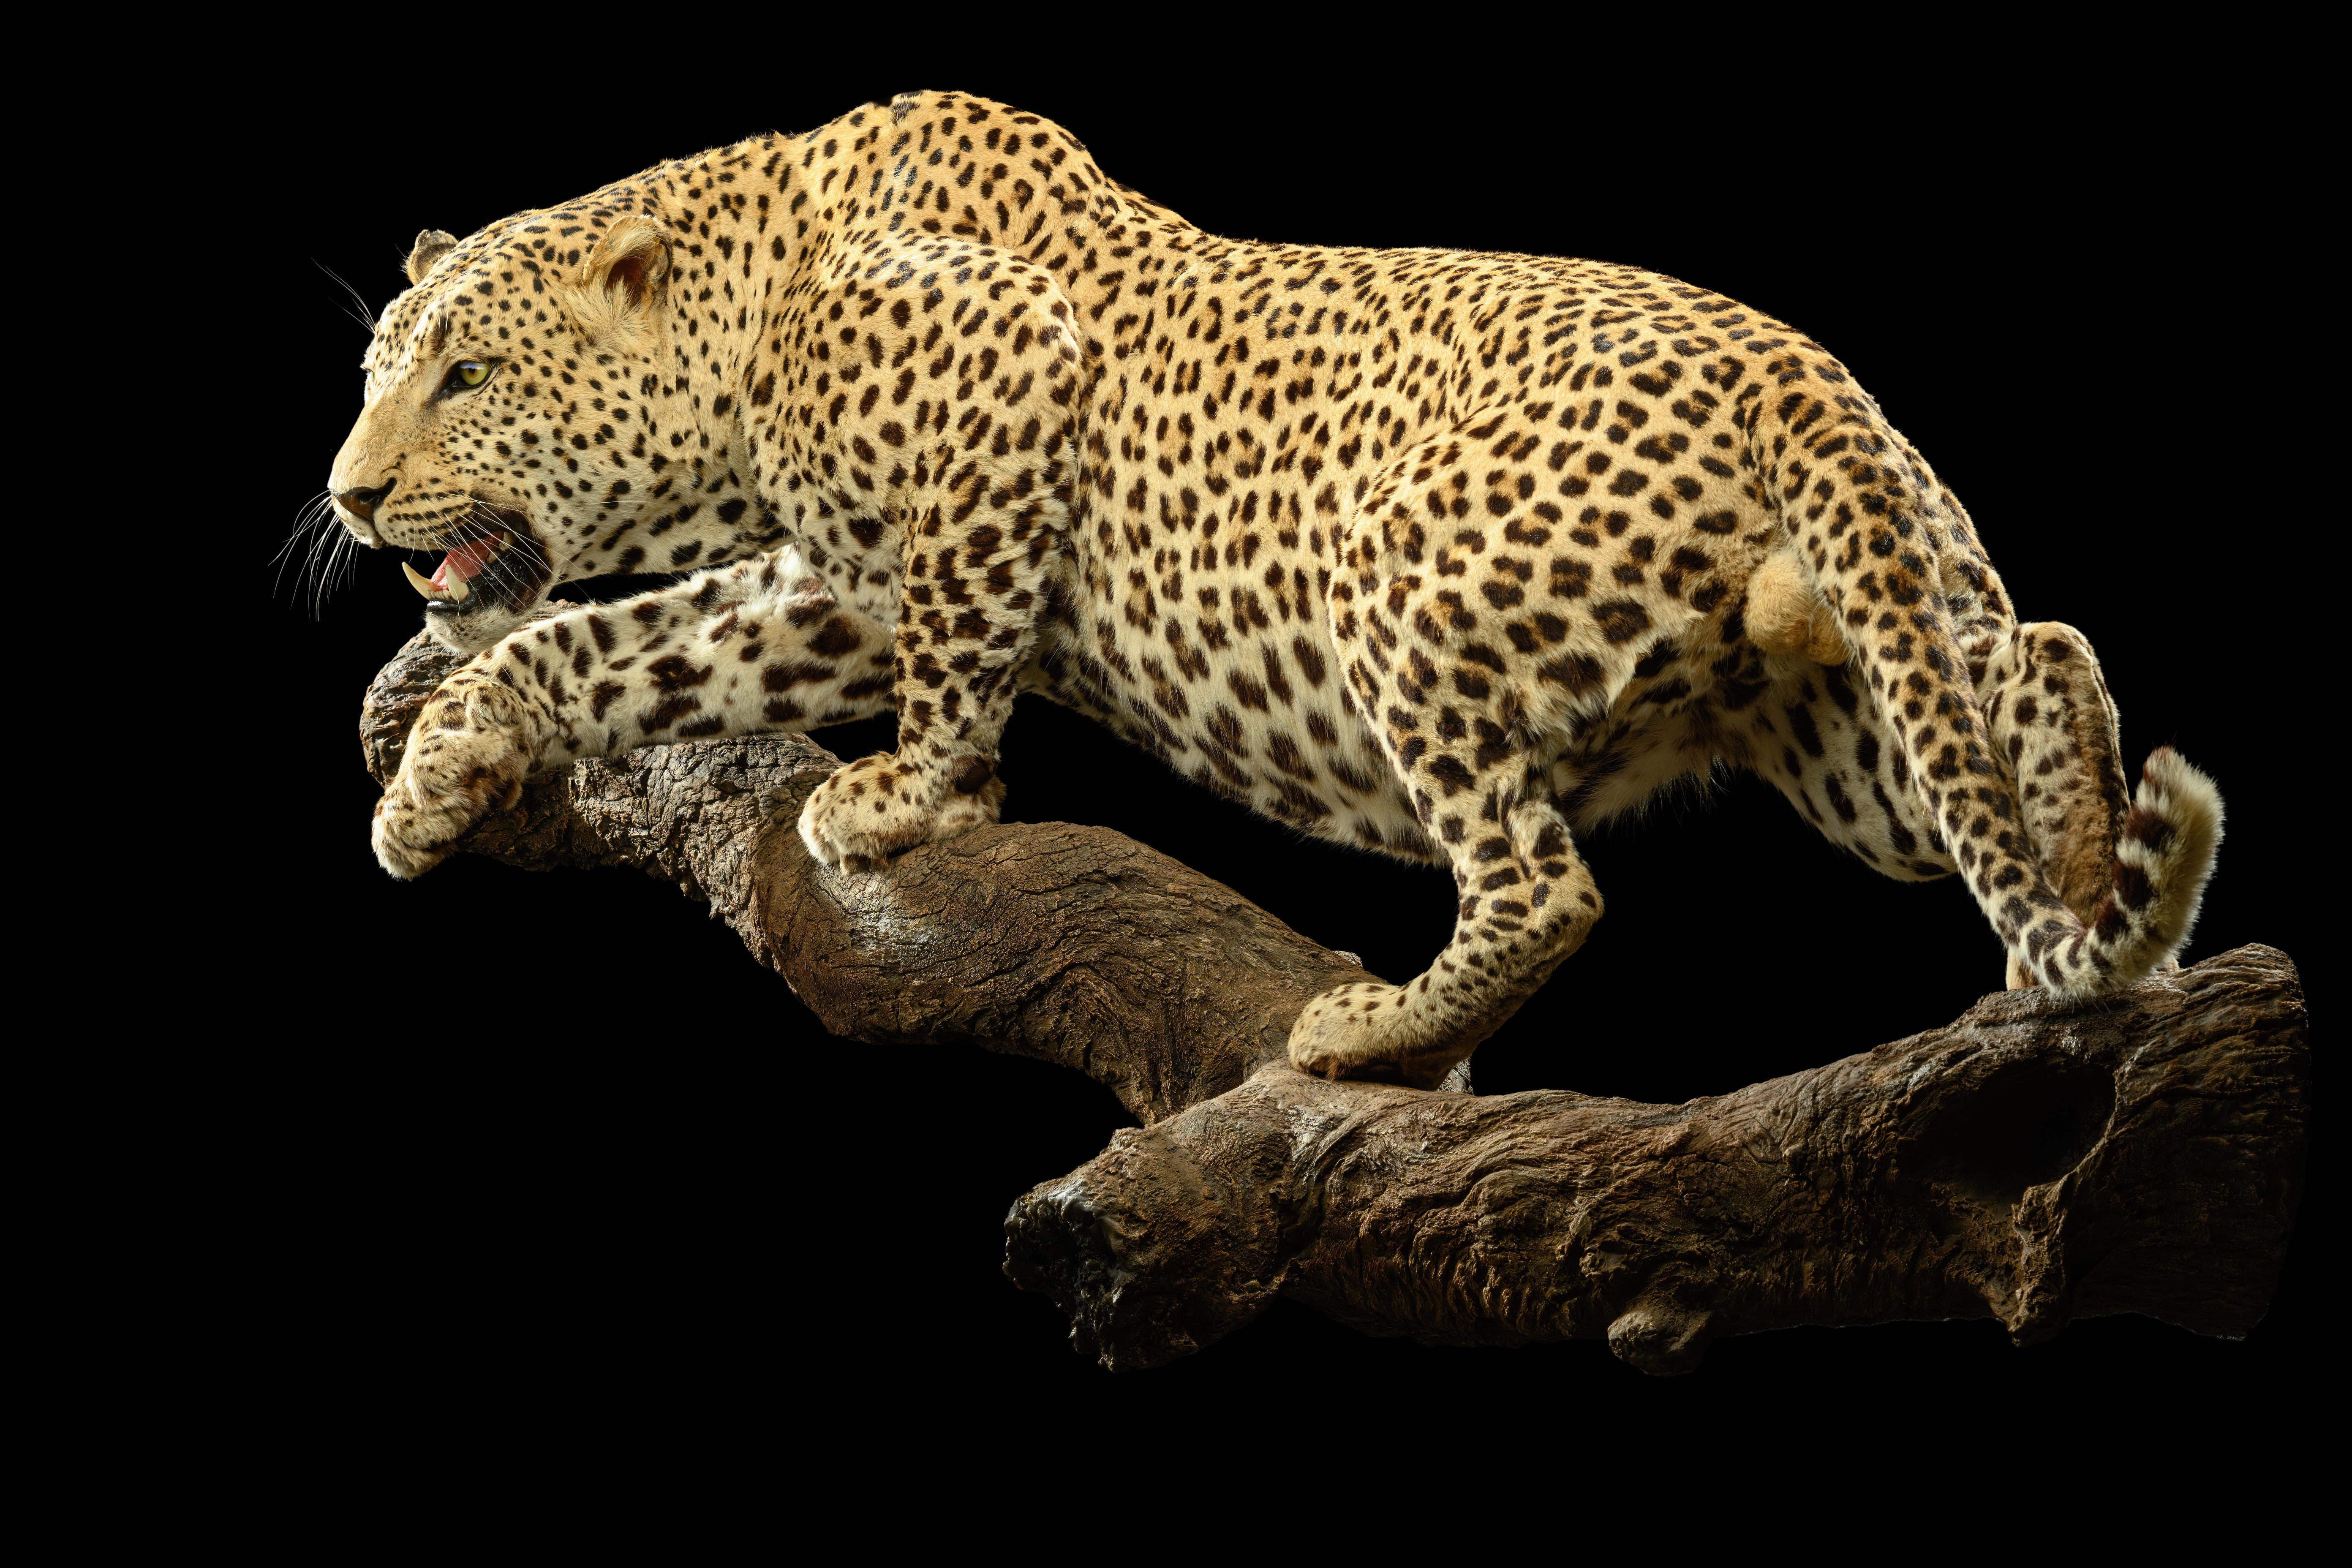 leopard-fullmount-ii059-1-jpg.425652